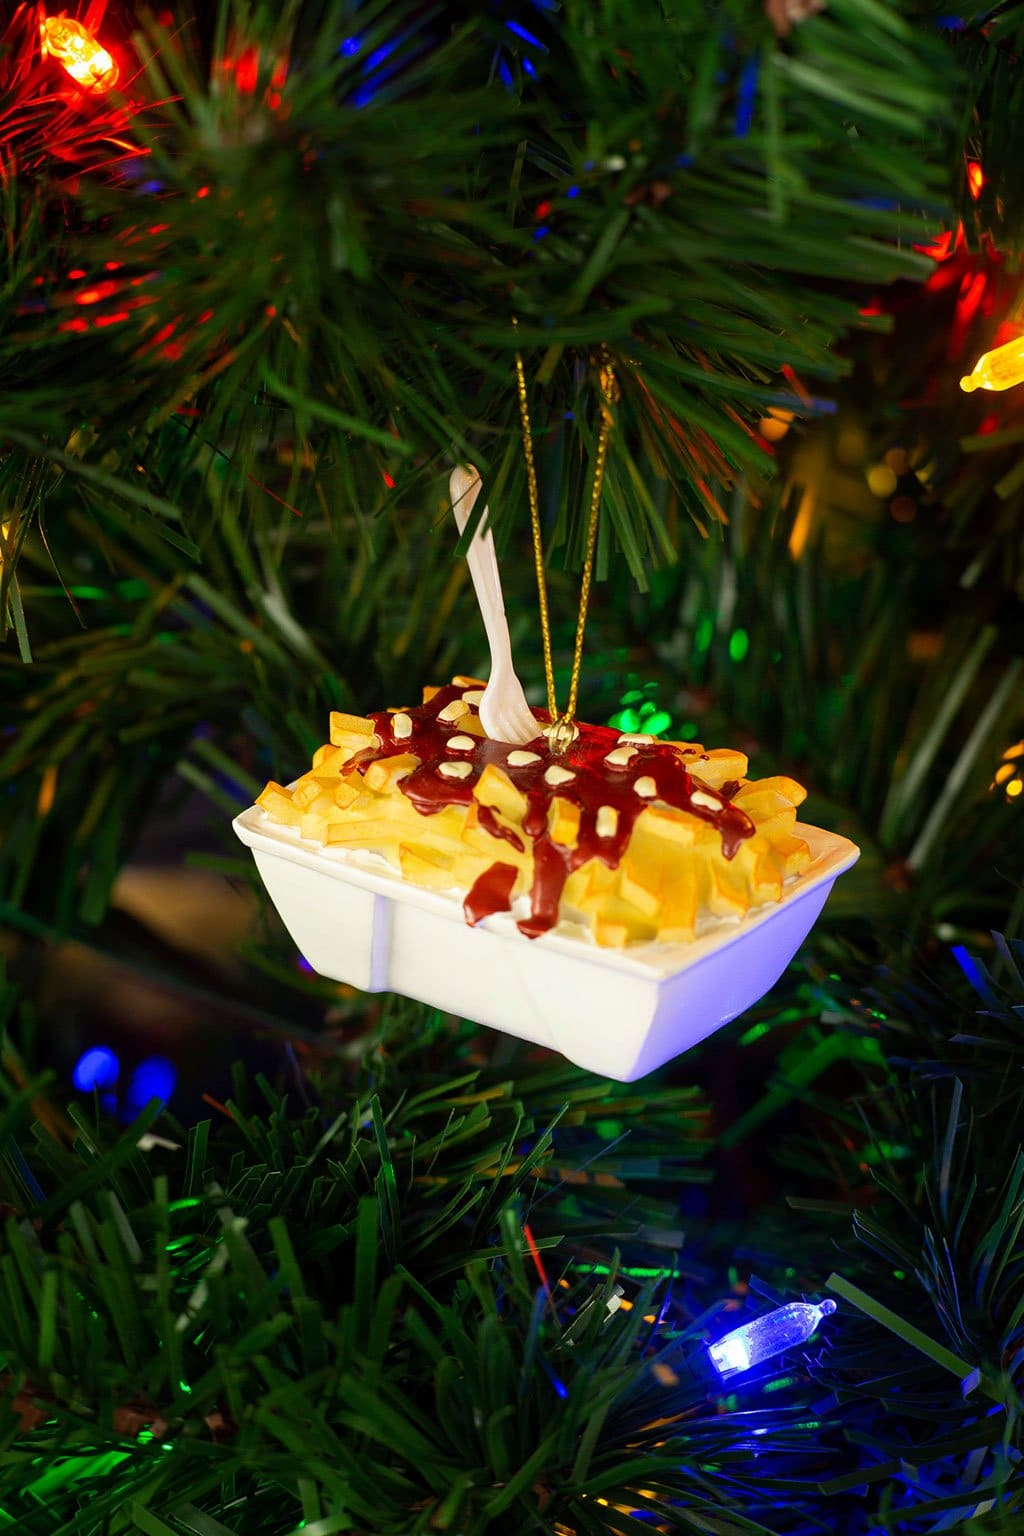 Cliquez ici pour acheter Décoration de Noël – Poutine